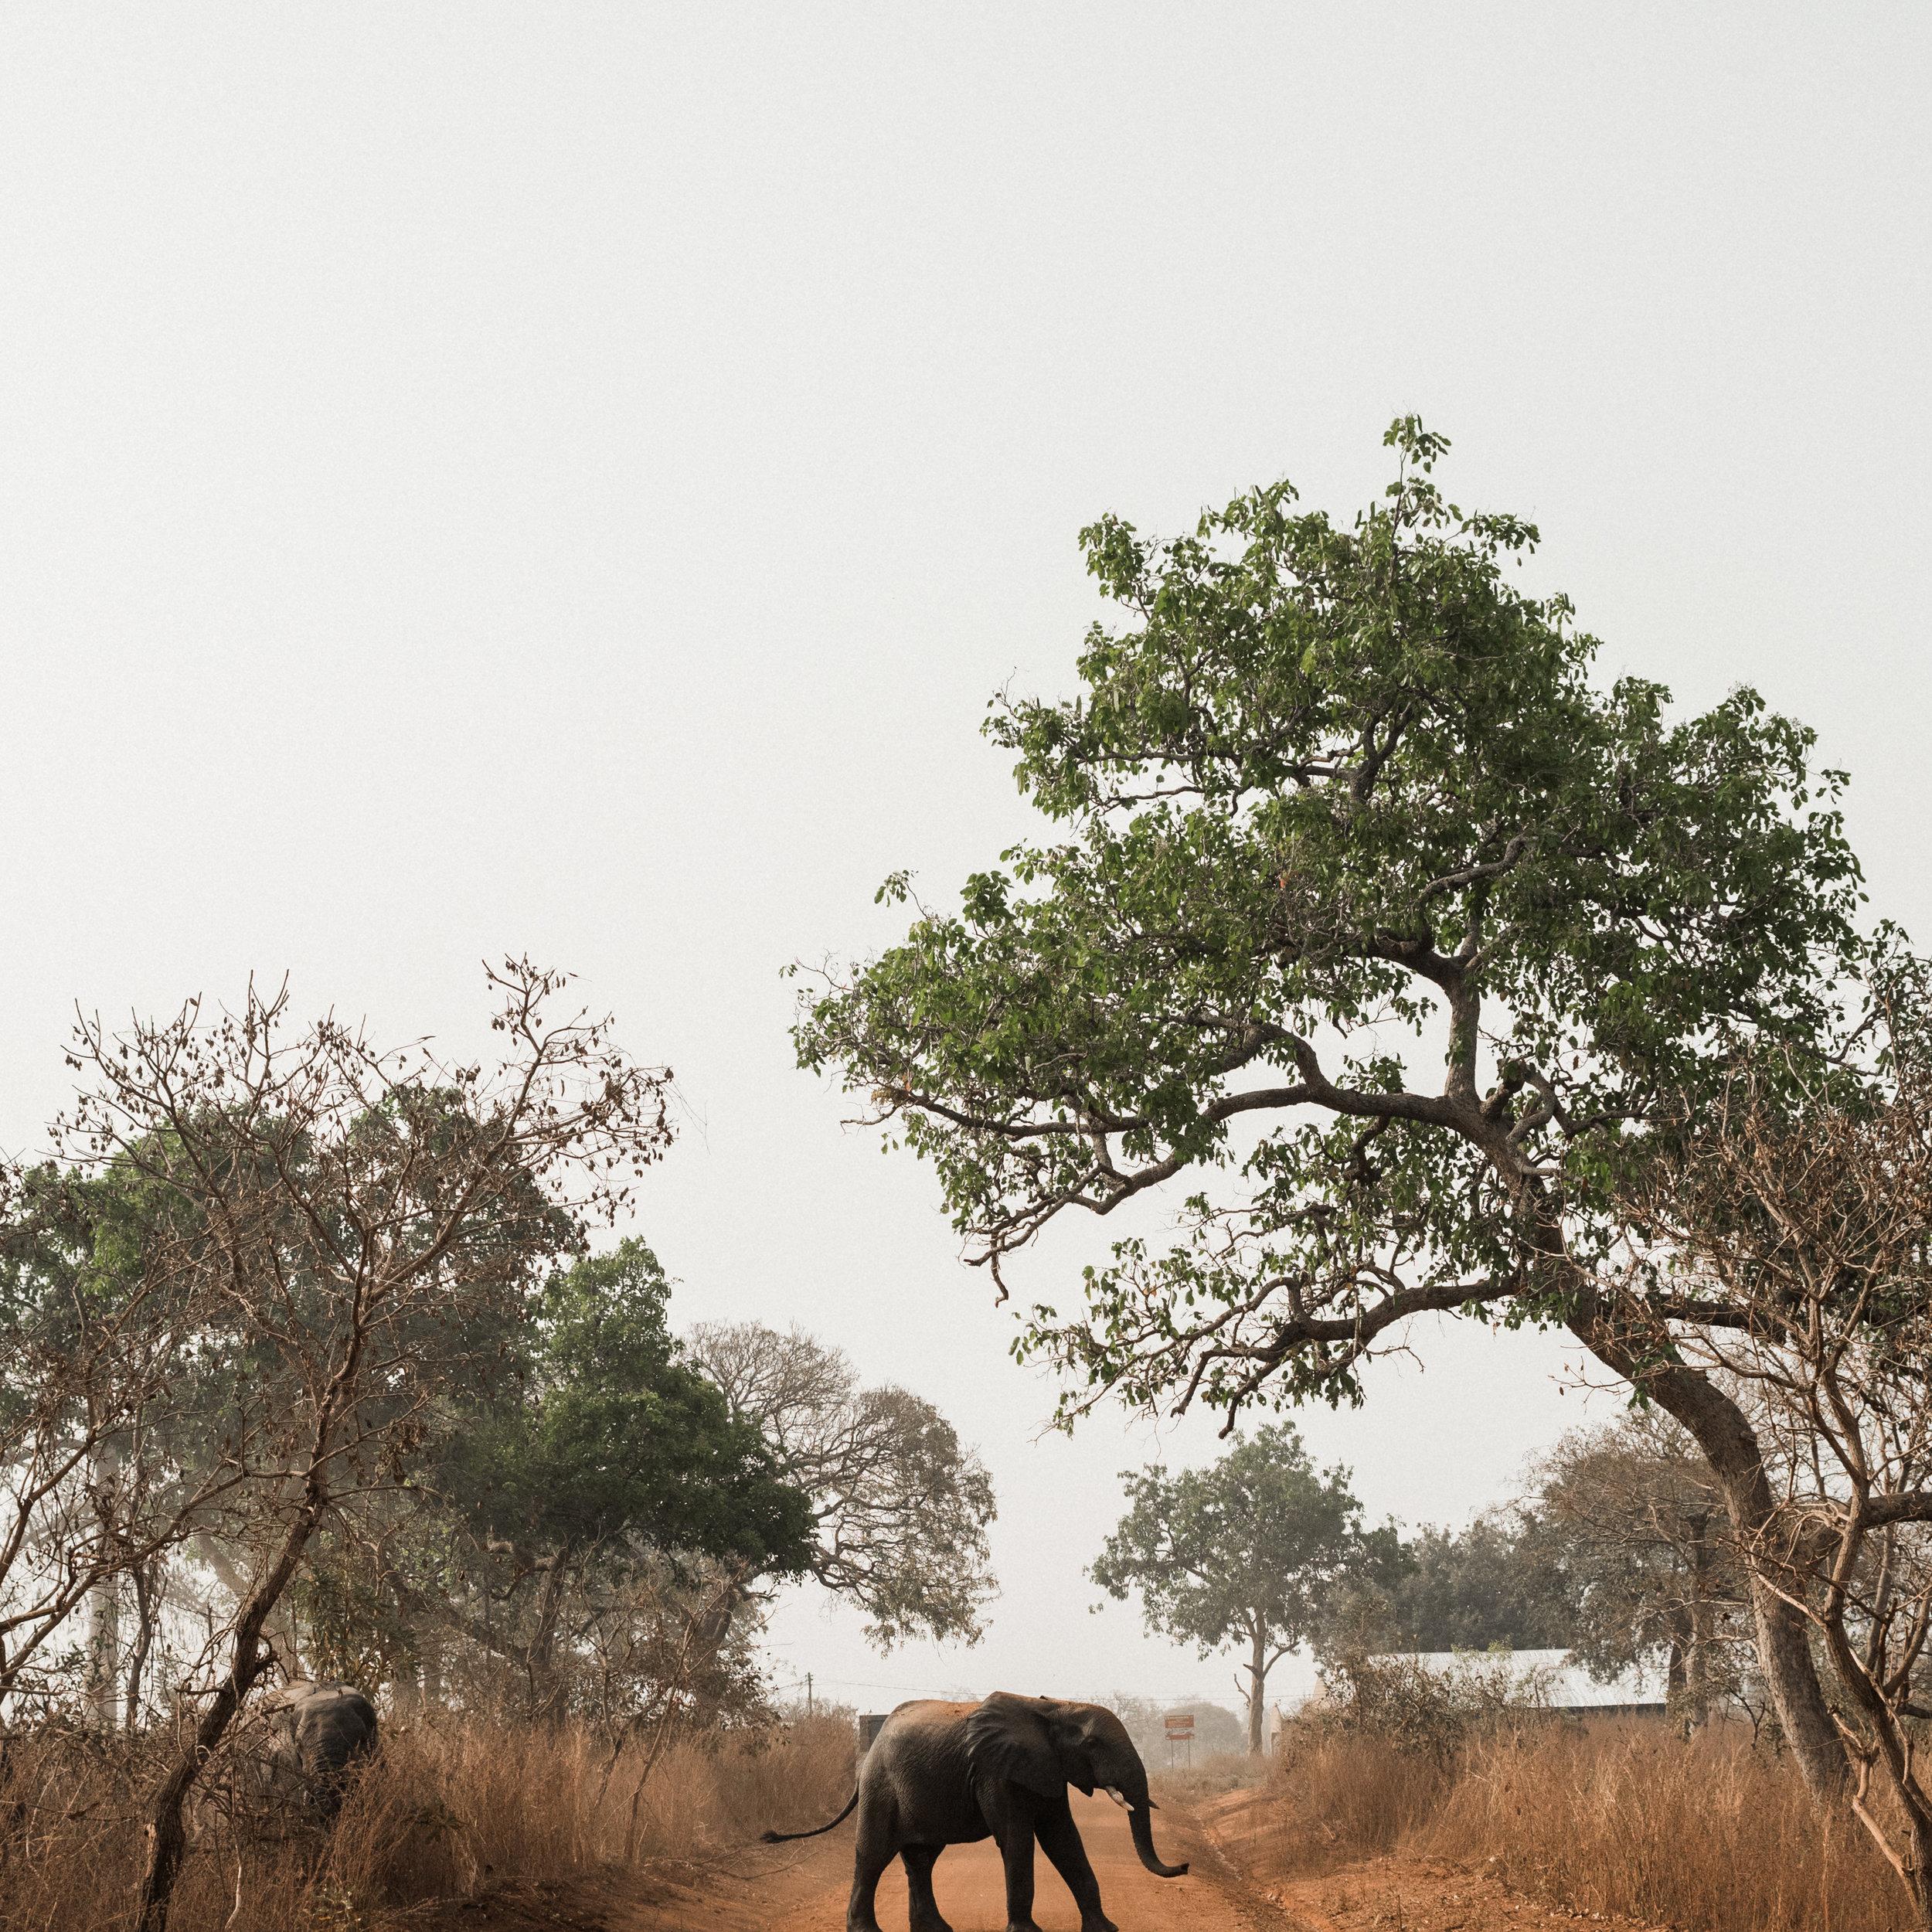 Ghana_African_Humanitarian_Photographer_TaraShupe_Safari_009.jpg